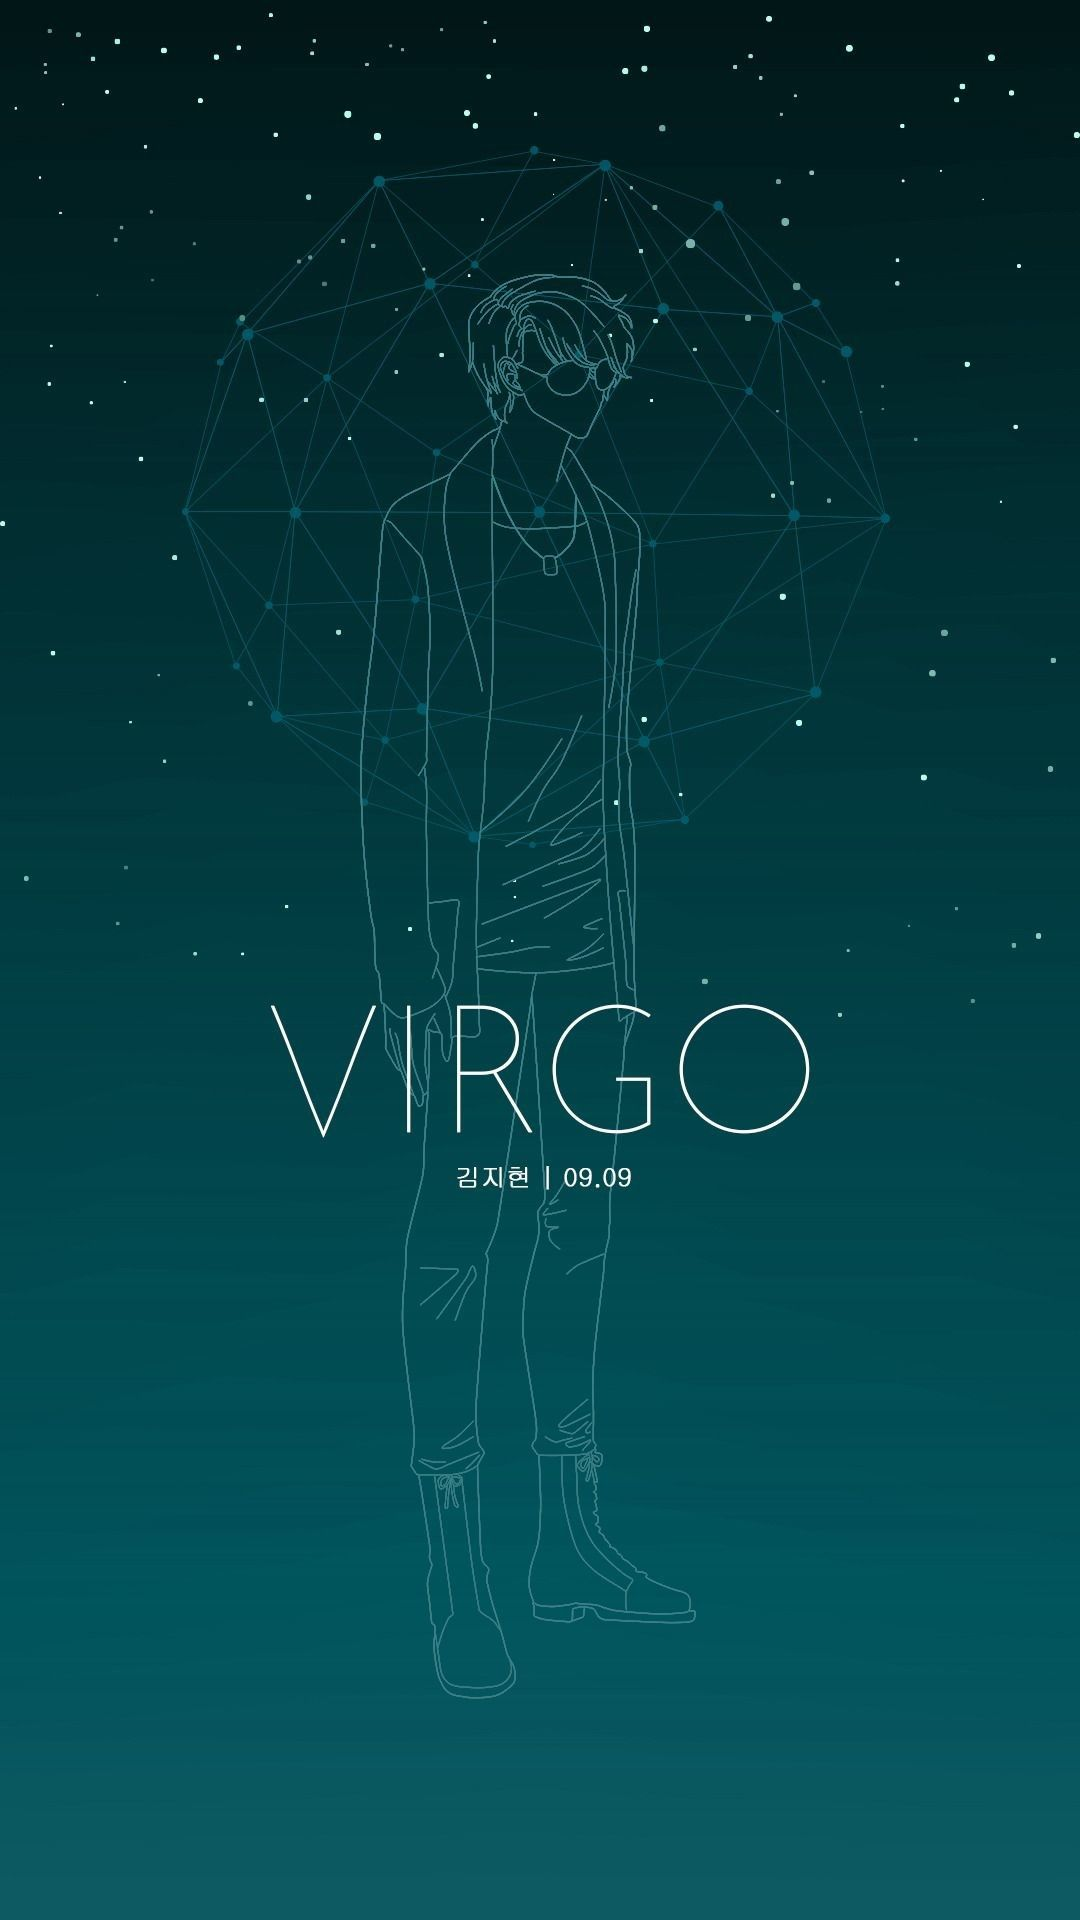 Virgo Wallpapers Top Free Virgo Backgrounds Wallpaperaccess